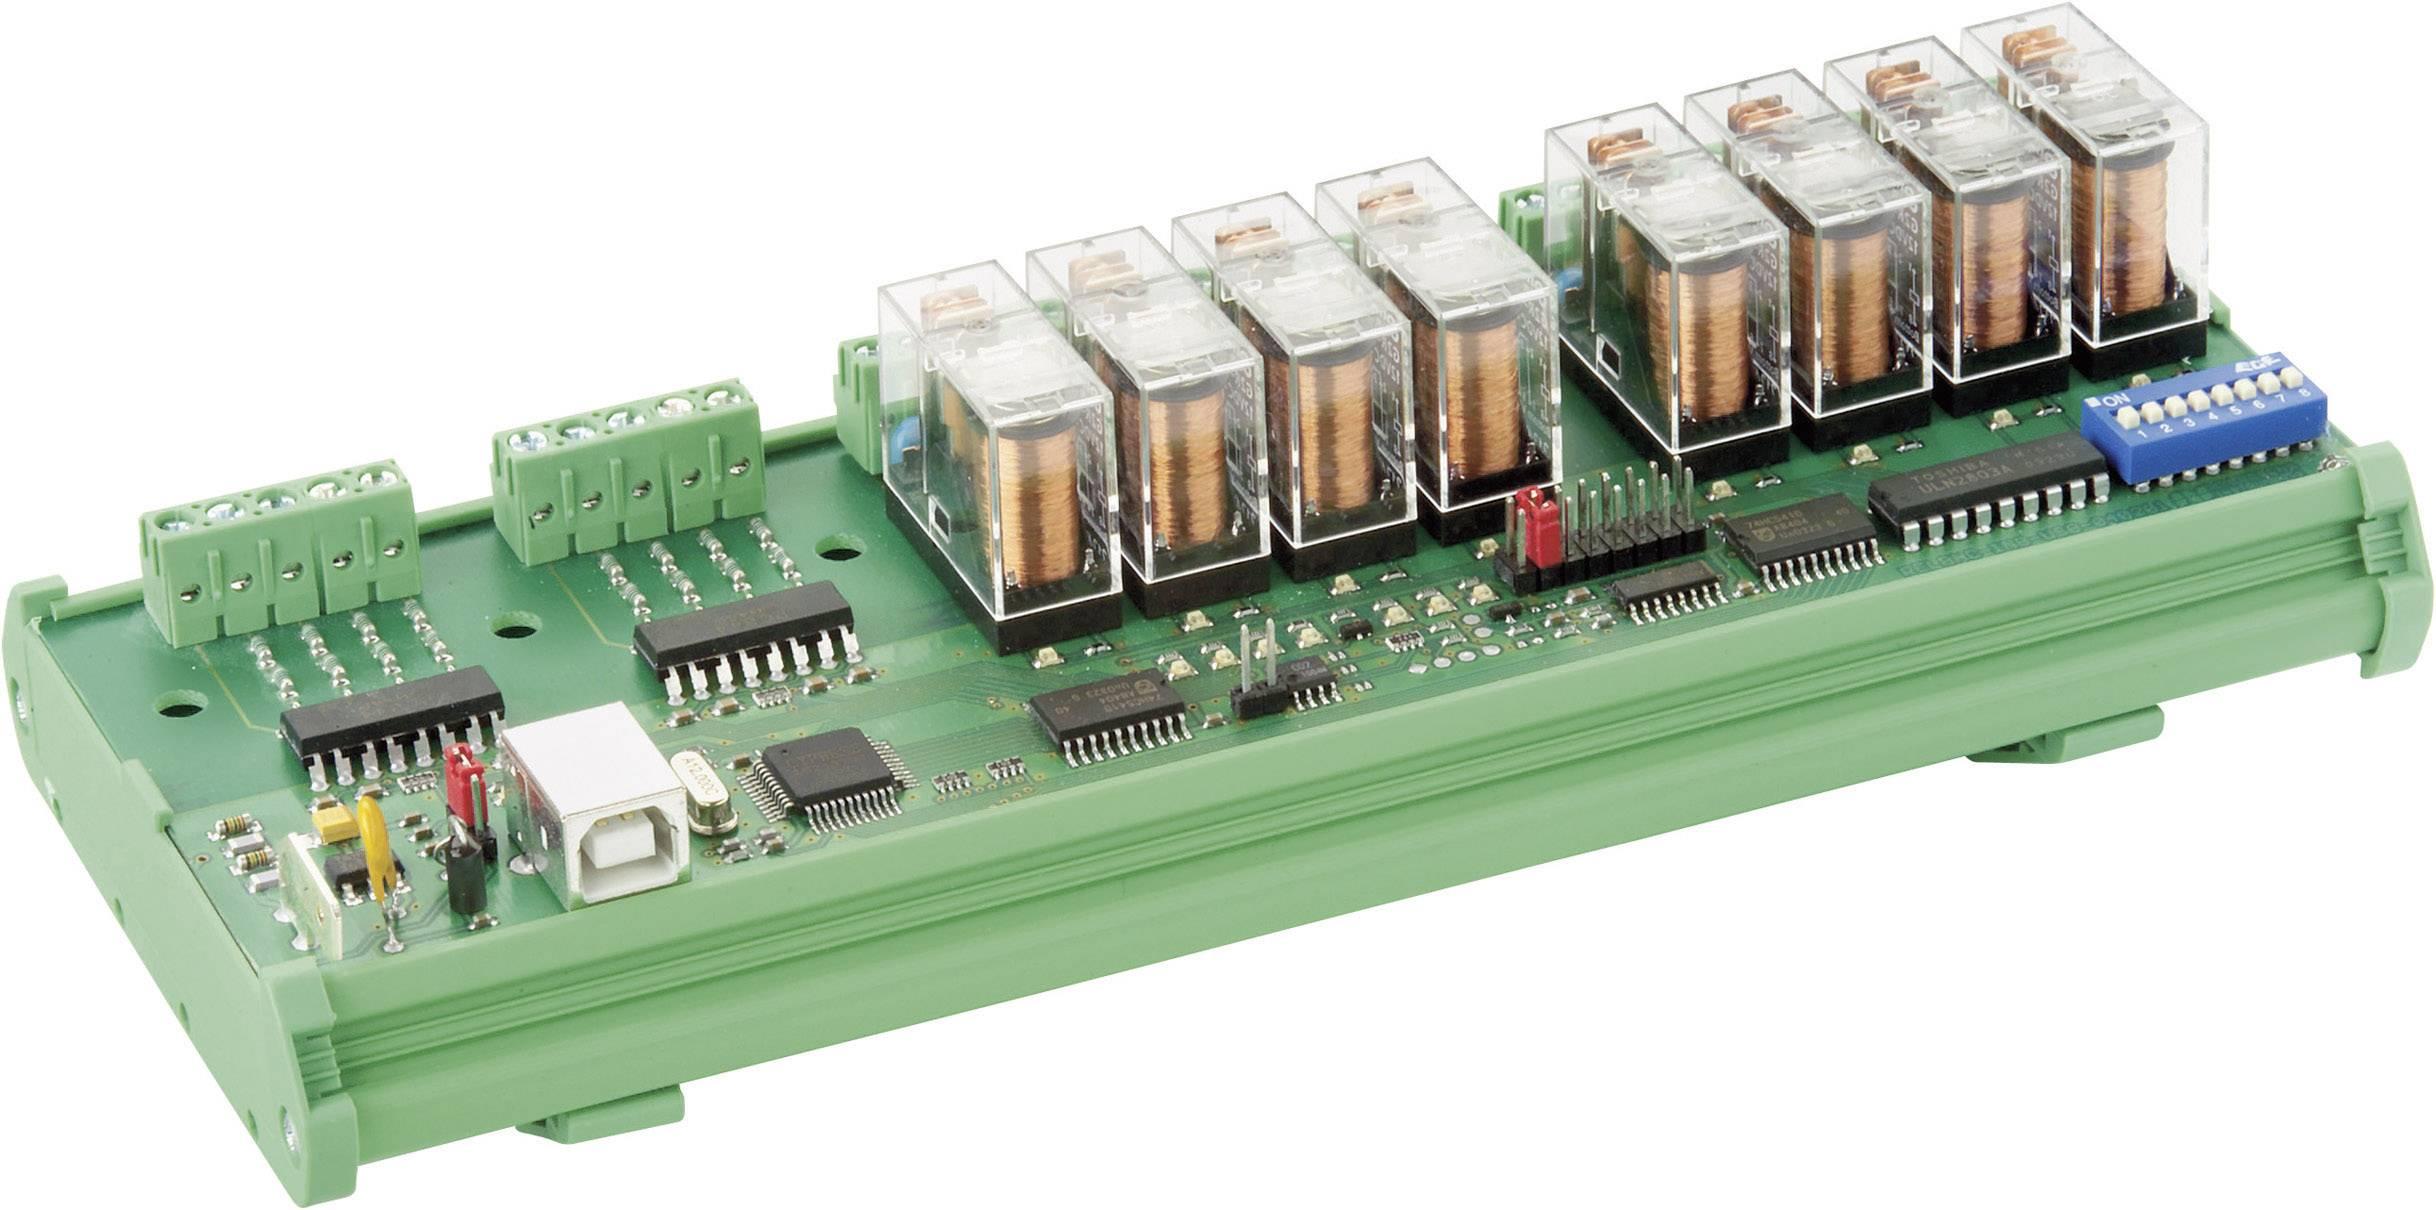 KX_4996 Usb 12 Volt Relay Schematic Wiring